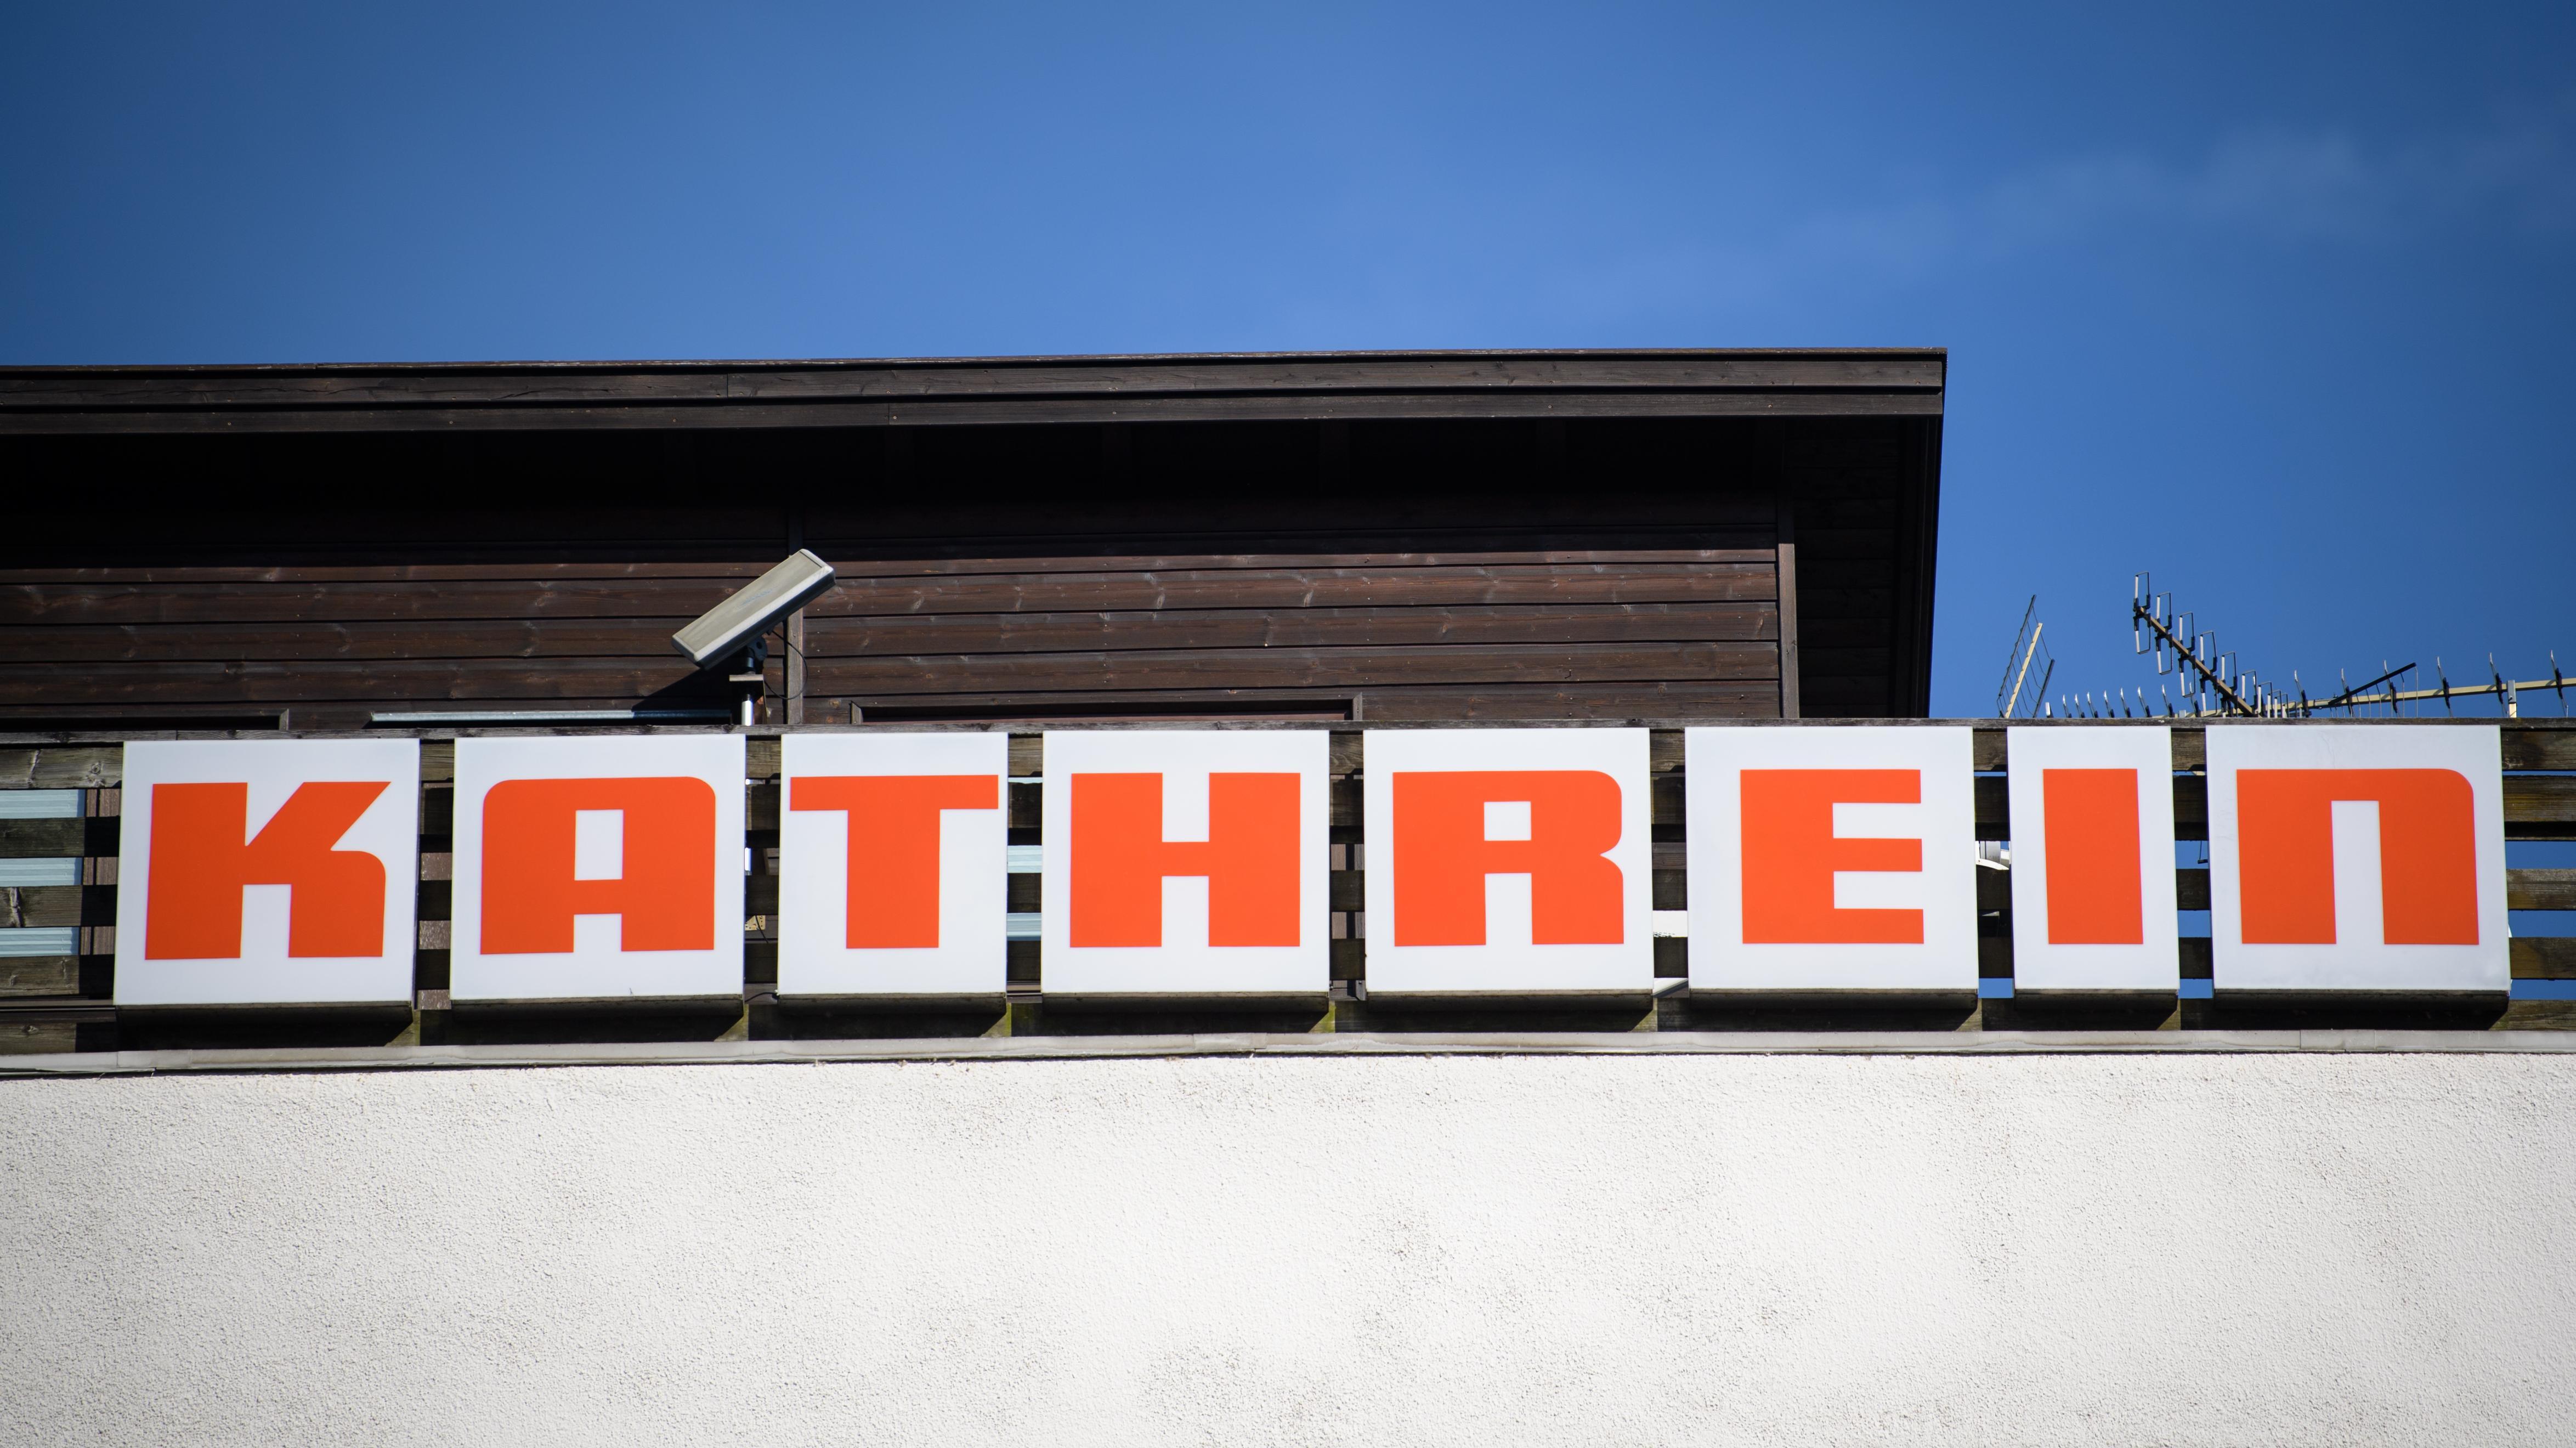 Das Firmen-Logo von Kathrein in Leuchtschrift